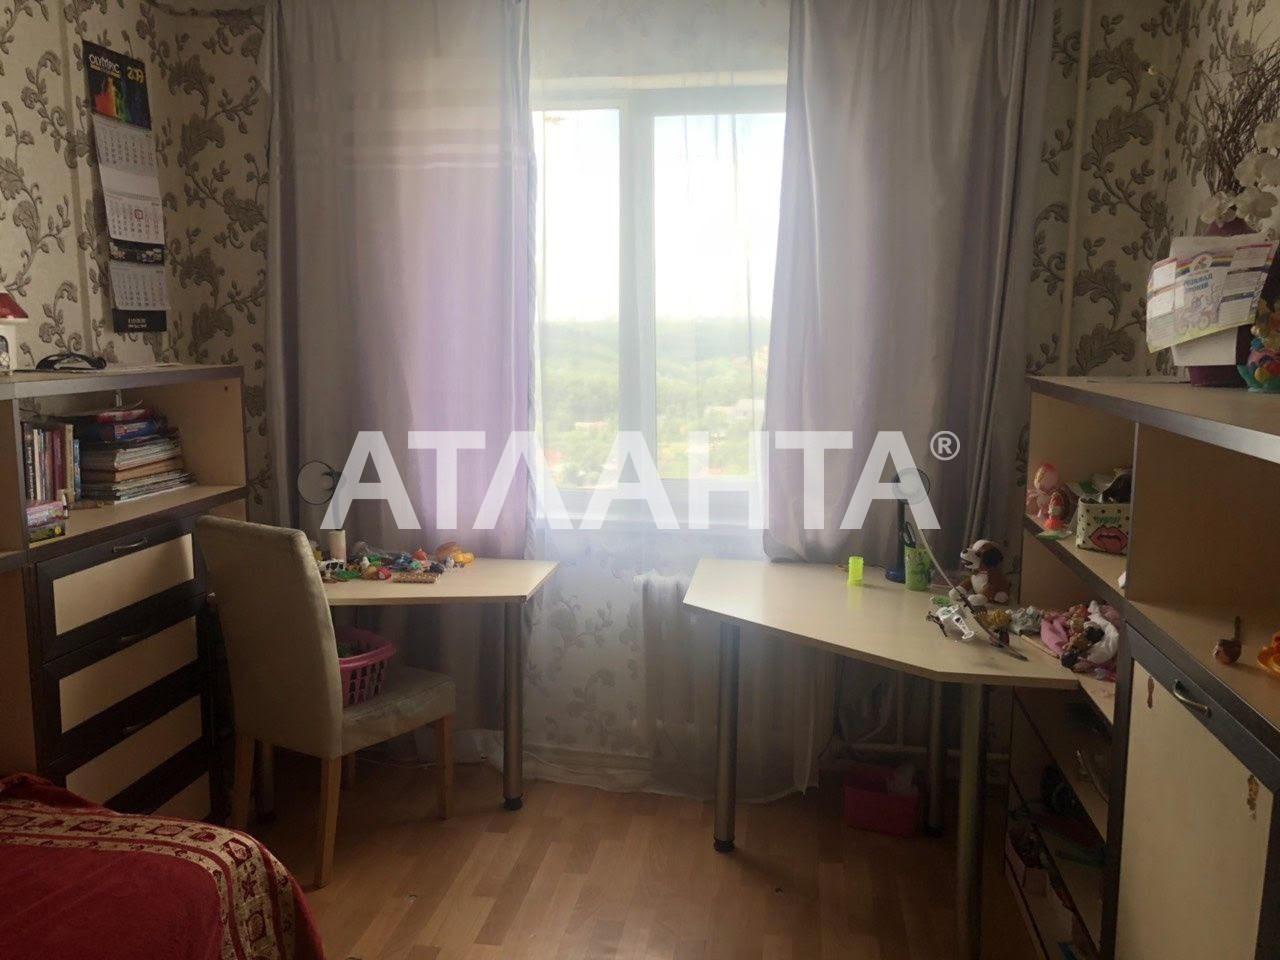 Продается 2-комнатная Квартира на ул. Проспект Науки — 85 000 у.е. (фото №6)